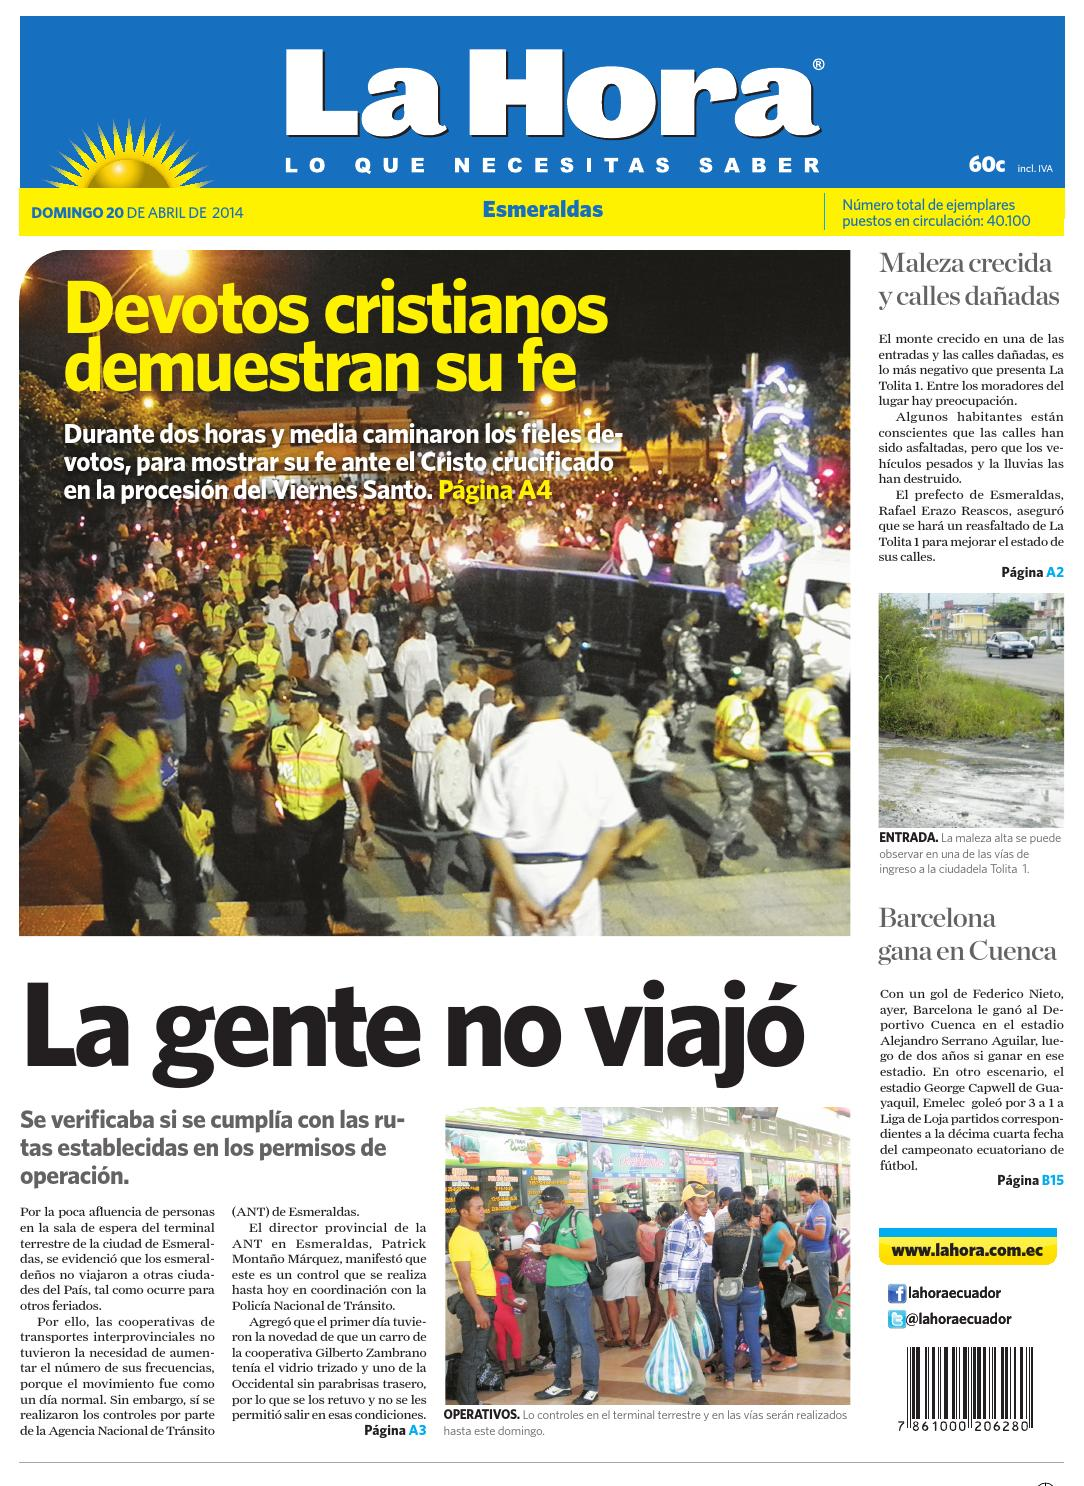 Diario La Hora Esmeraldas 20 de abril del 2014 by Diario La Hora Ecuador -  issuu df06beb90fd9e